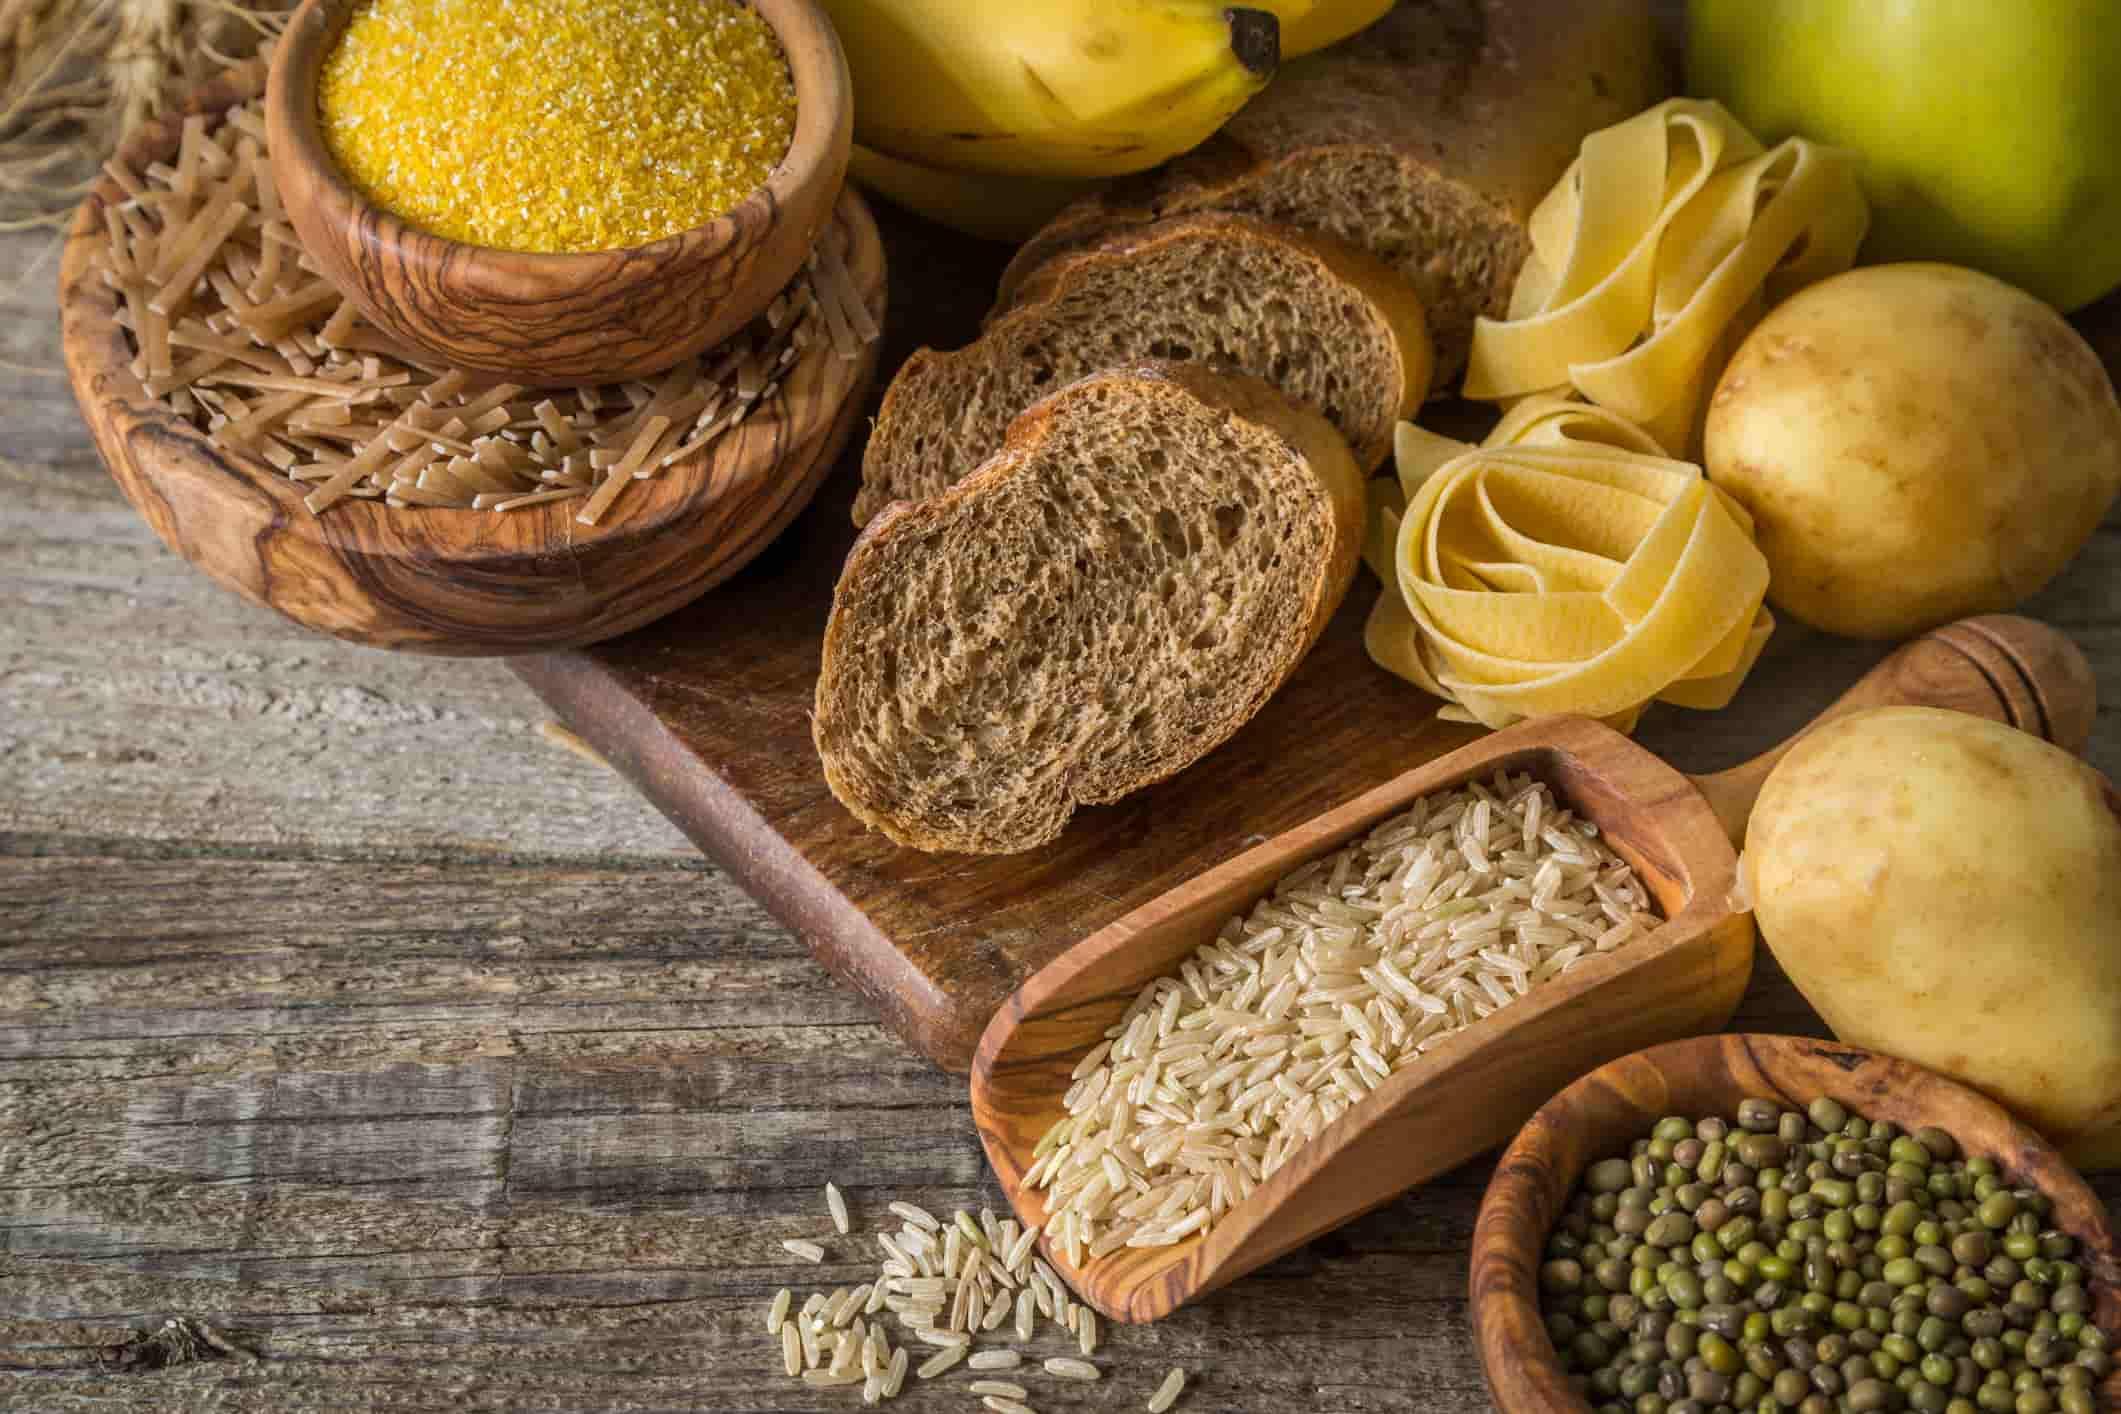 cuales son los mejores alimentos con hidratos de carbono